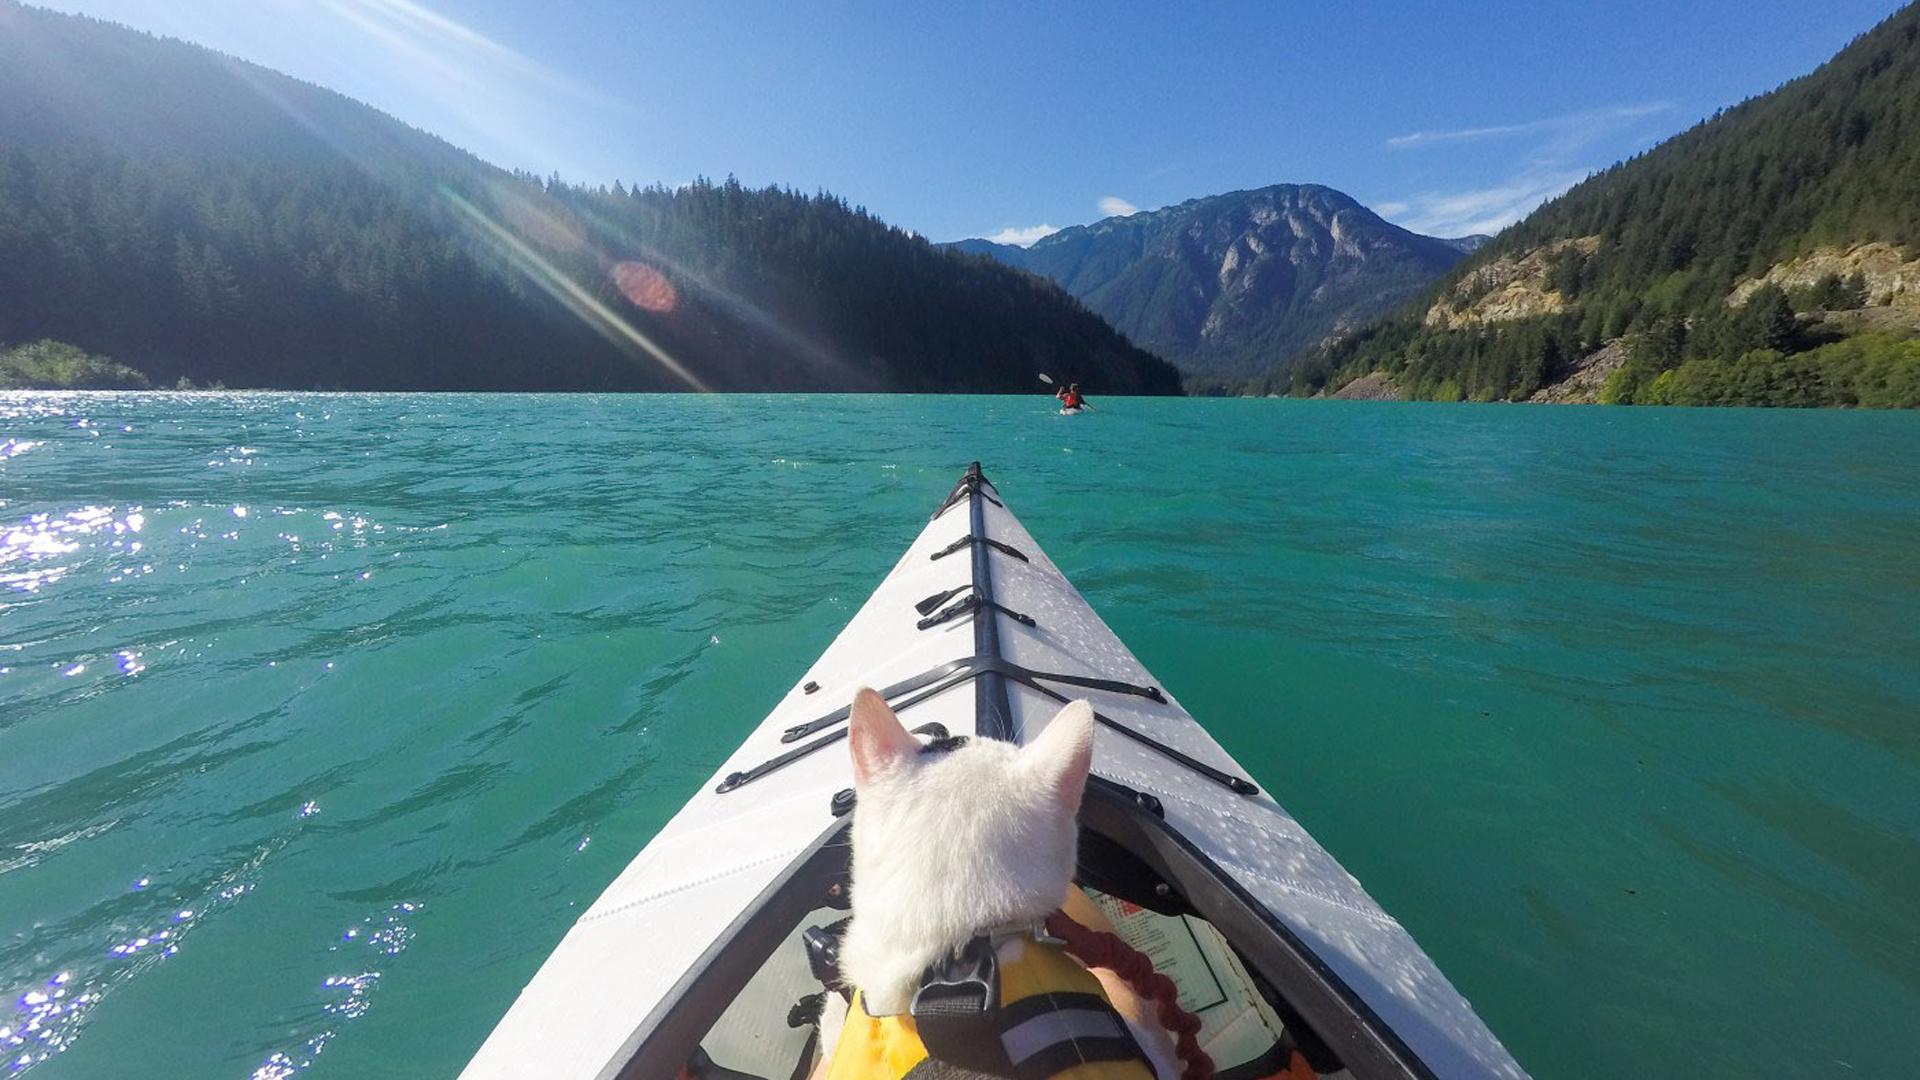 Muchos de los sitios visitados permiten el ingreso de mascotas, lo que le dio la posibilidad a Vladimir de practicar Kayak en más de una oportunidad